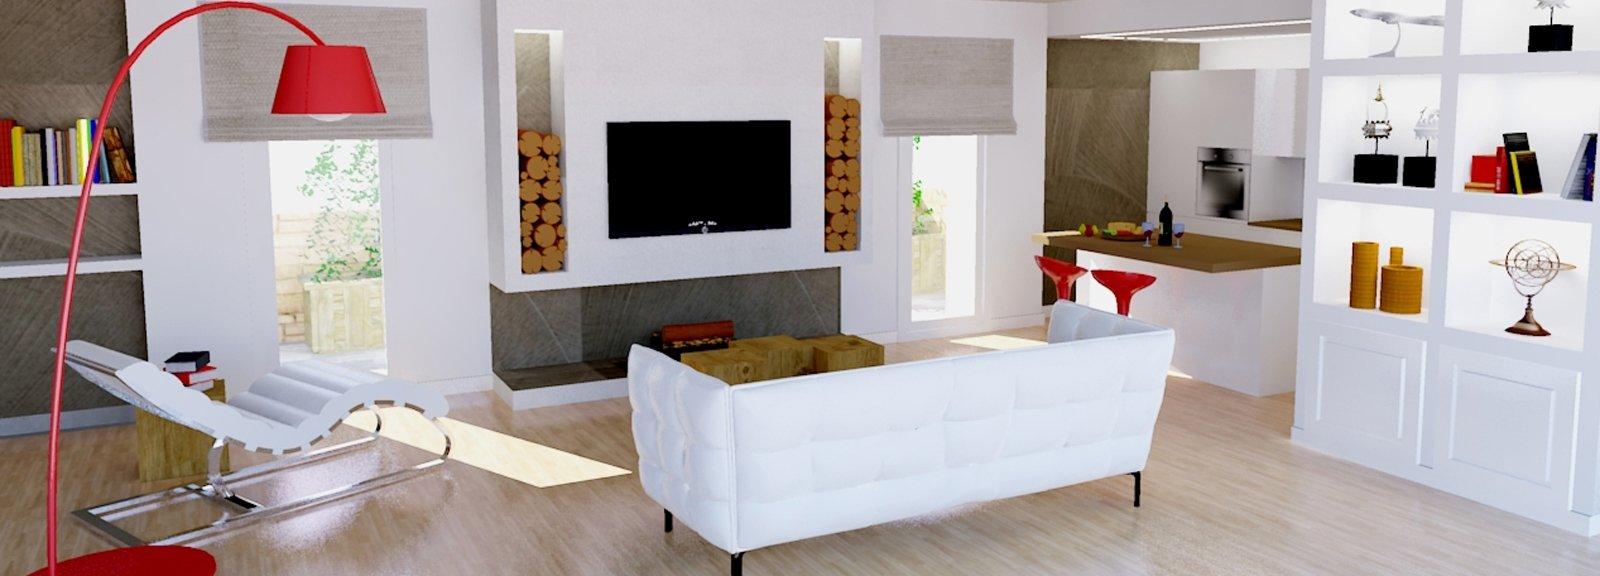 Un progetto per arredare un soggiorno con pareti oblique for Pareti salone